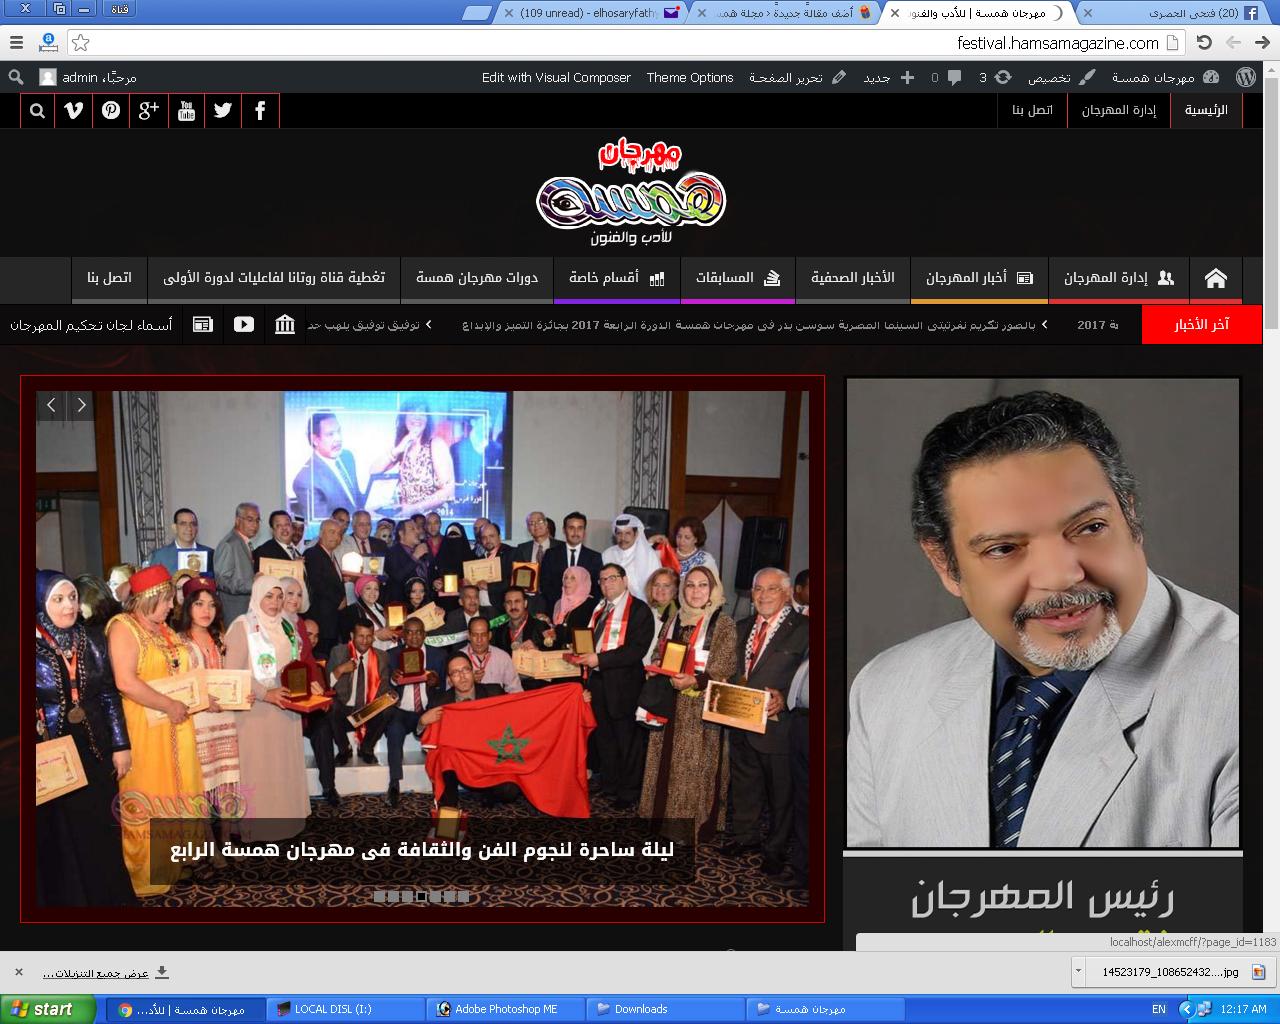 أسرة مهرجان همسة تحتفل بإطلاق الموقع الرسمى للمهرجان